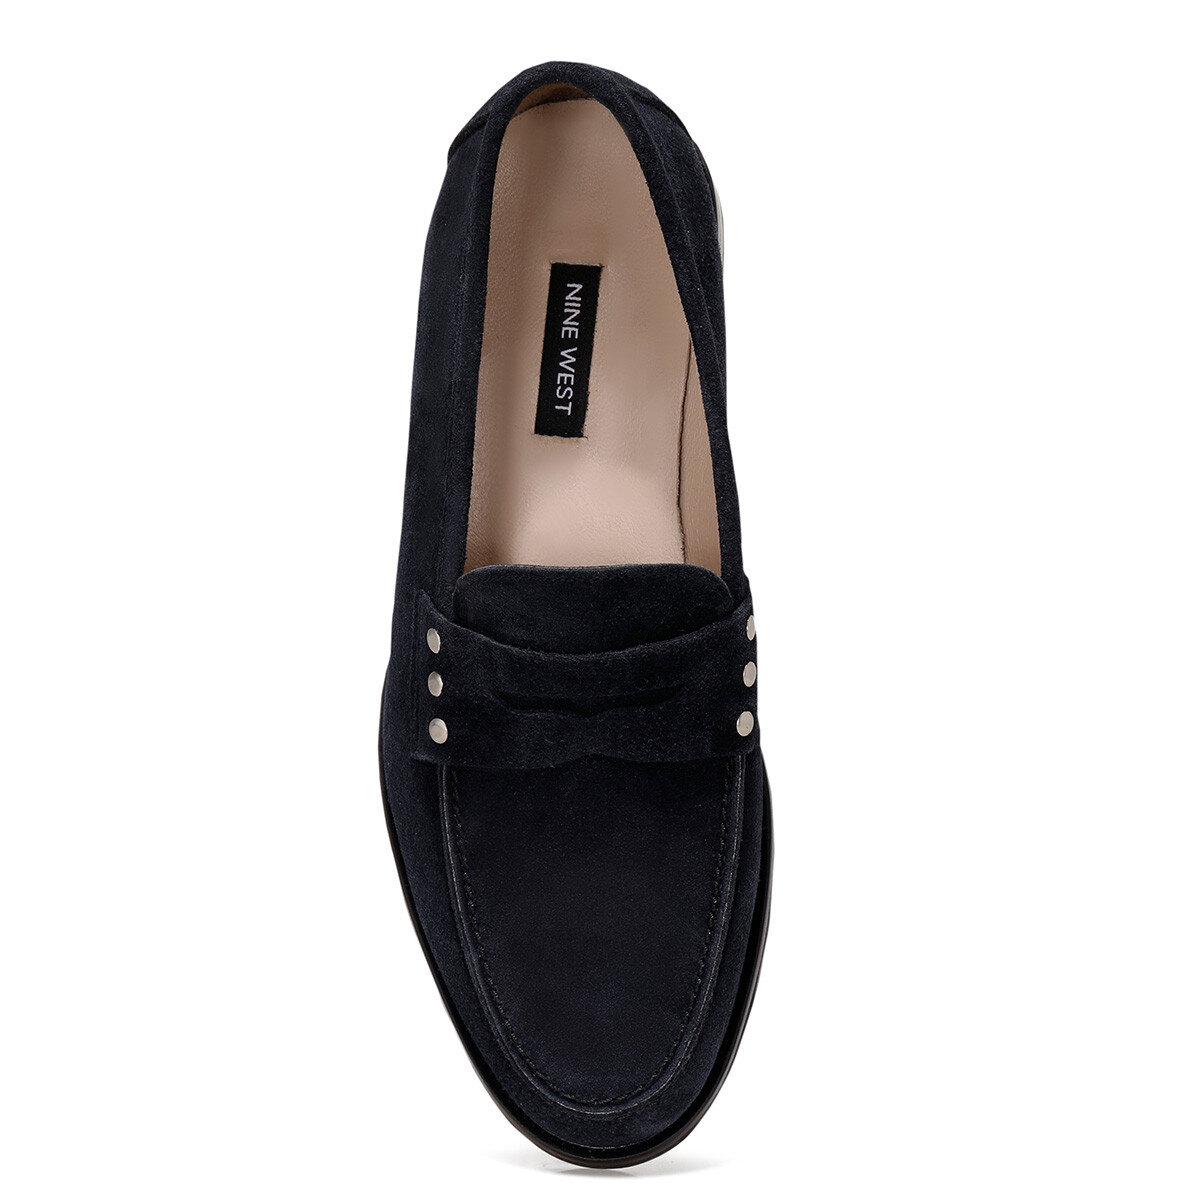 BRANDIE 2 Lacivert Kadın Loafer Ayakkabı